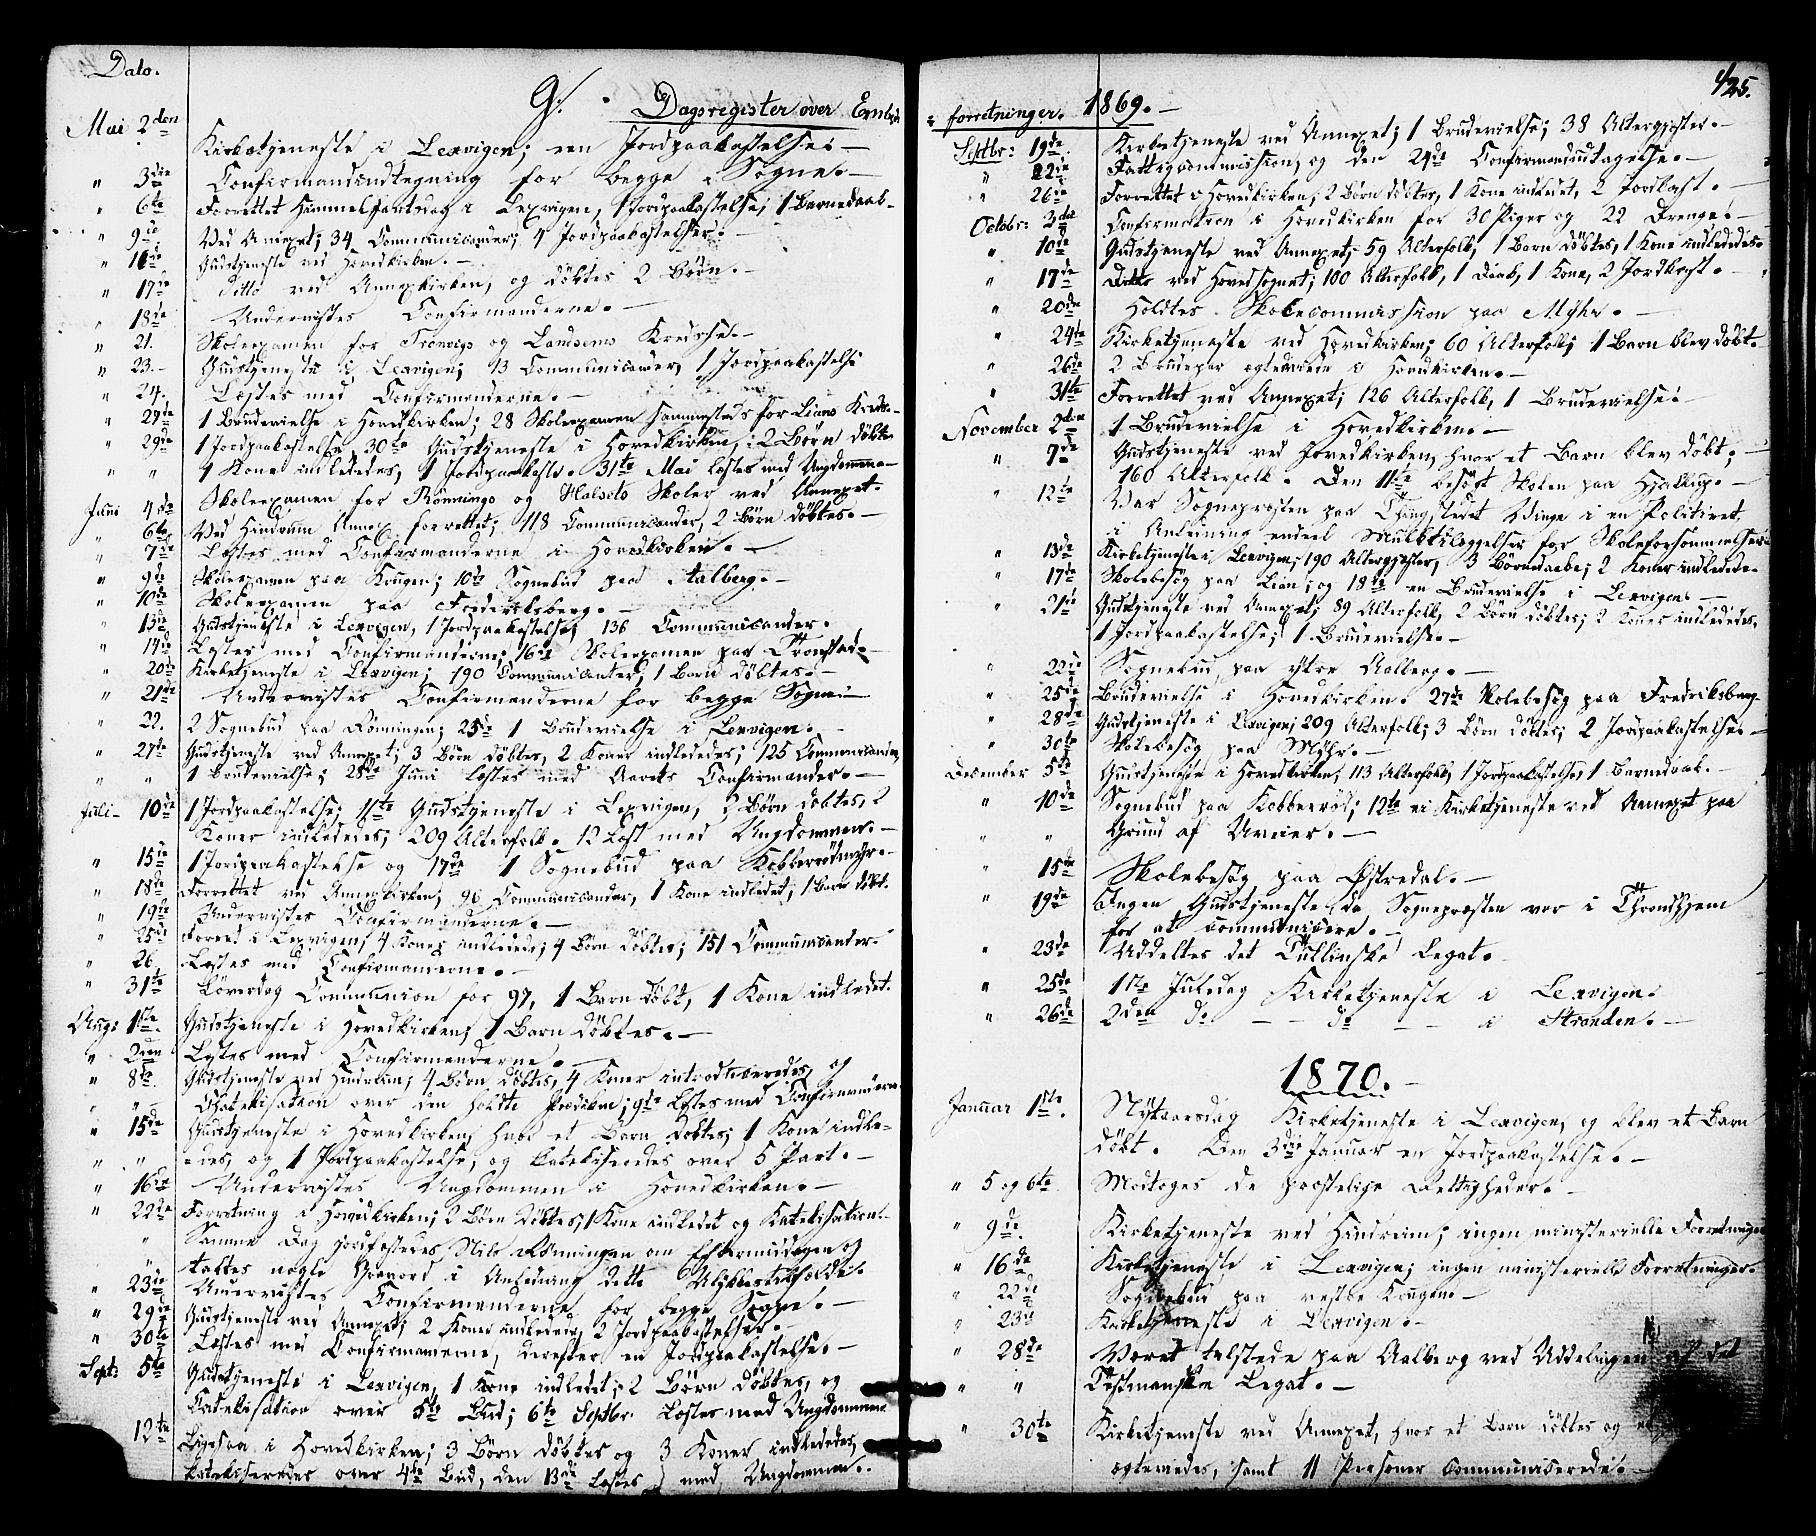 SAT, Ministerialprotokoller, klokkerbøker og fødselsregistre - Nord-Trøndelag, 701/L0009: Ministerialbok nr. 701A09 /1, 1864-1882, s. 425